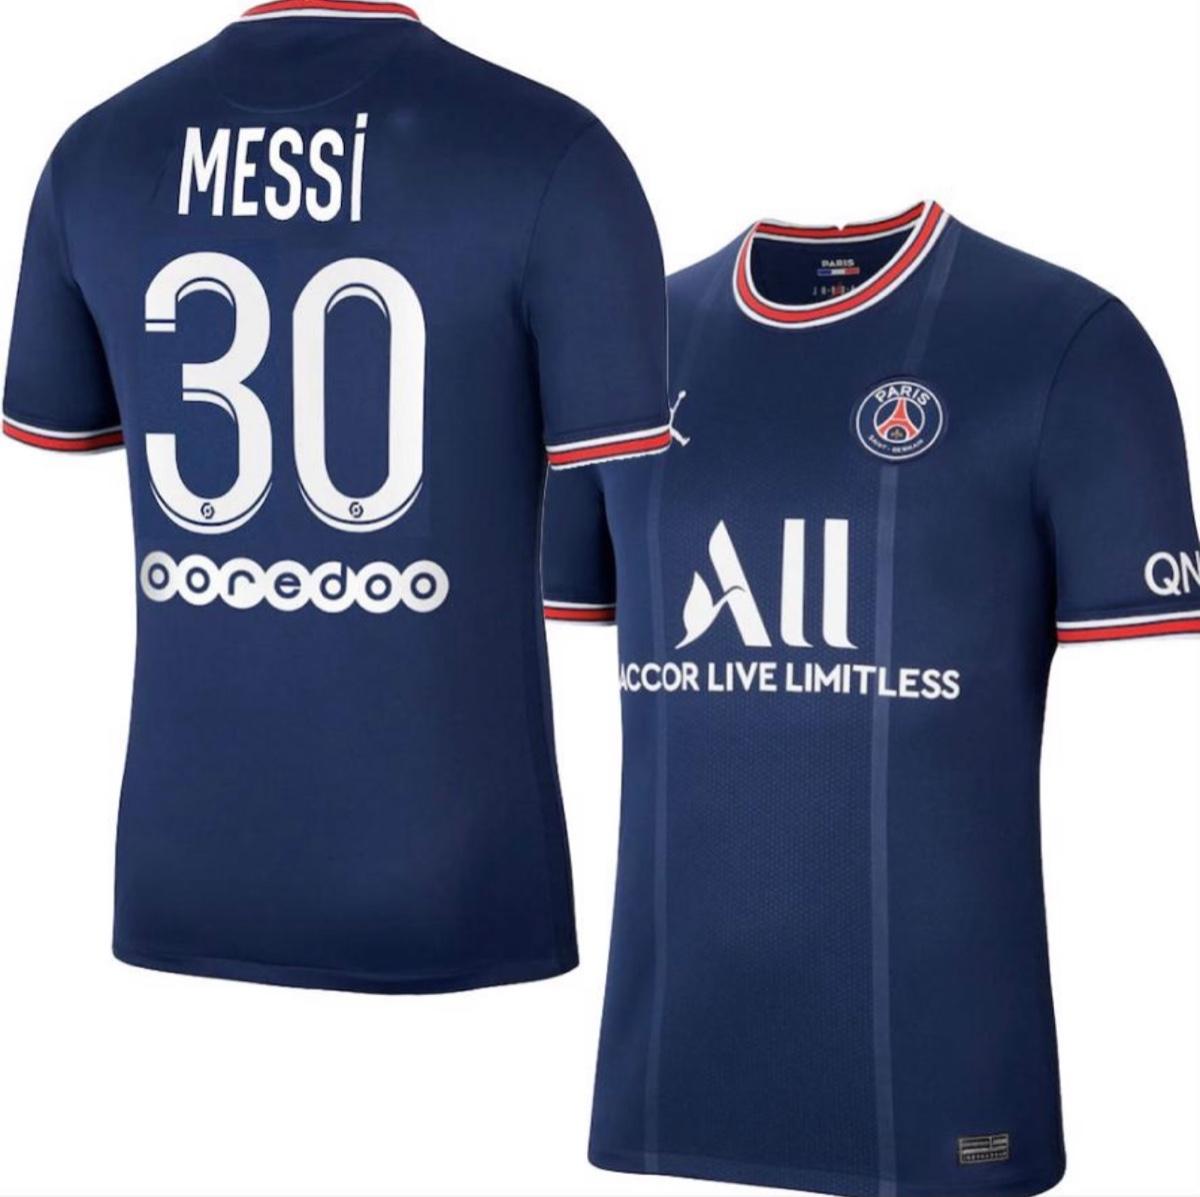 חולצת בית פריס פריז סן ז רמן מסי 30 21 22